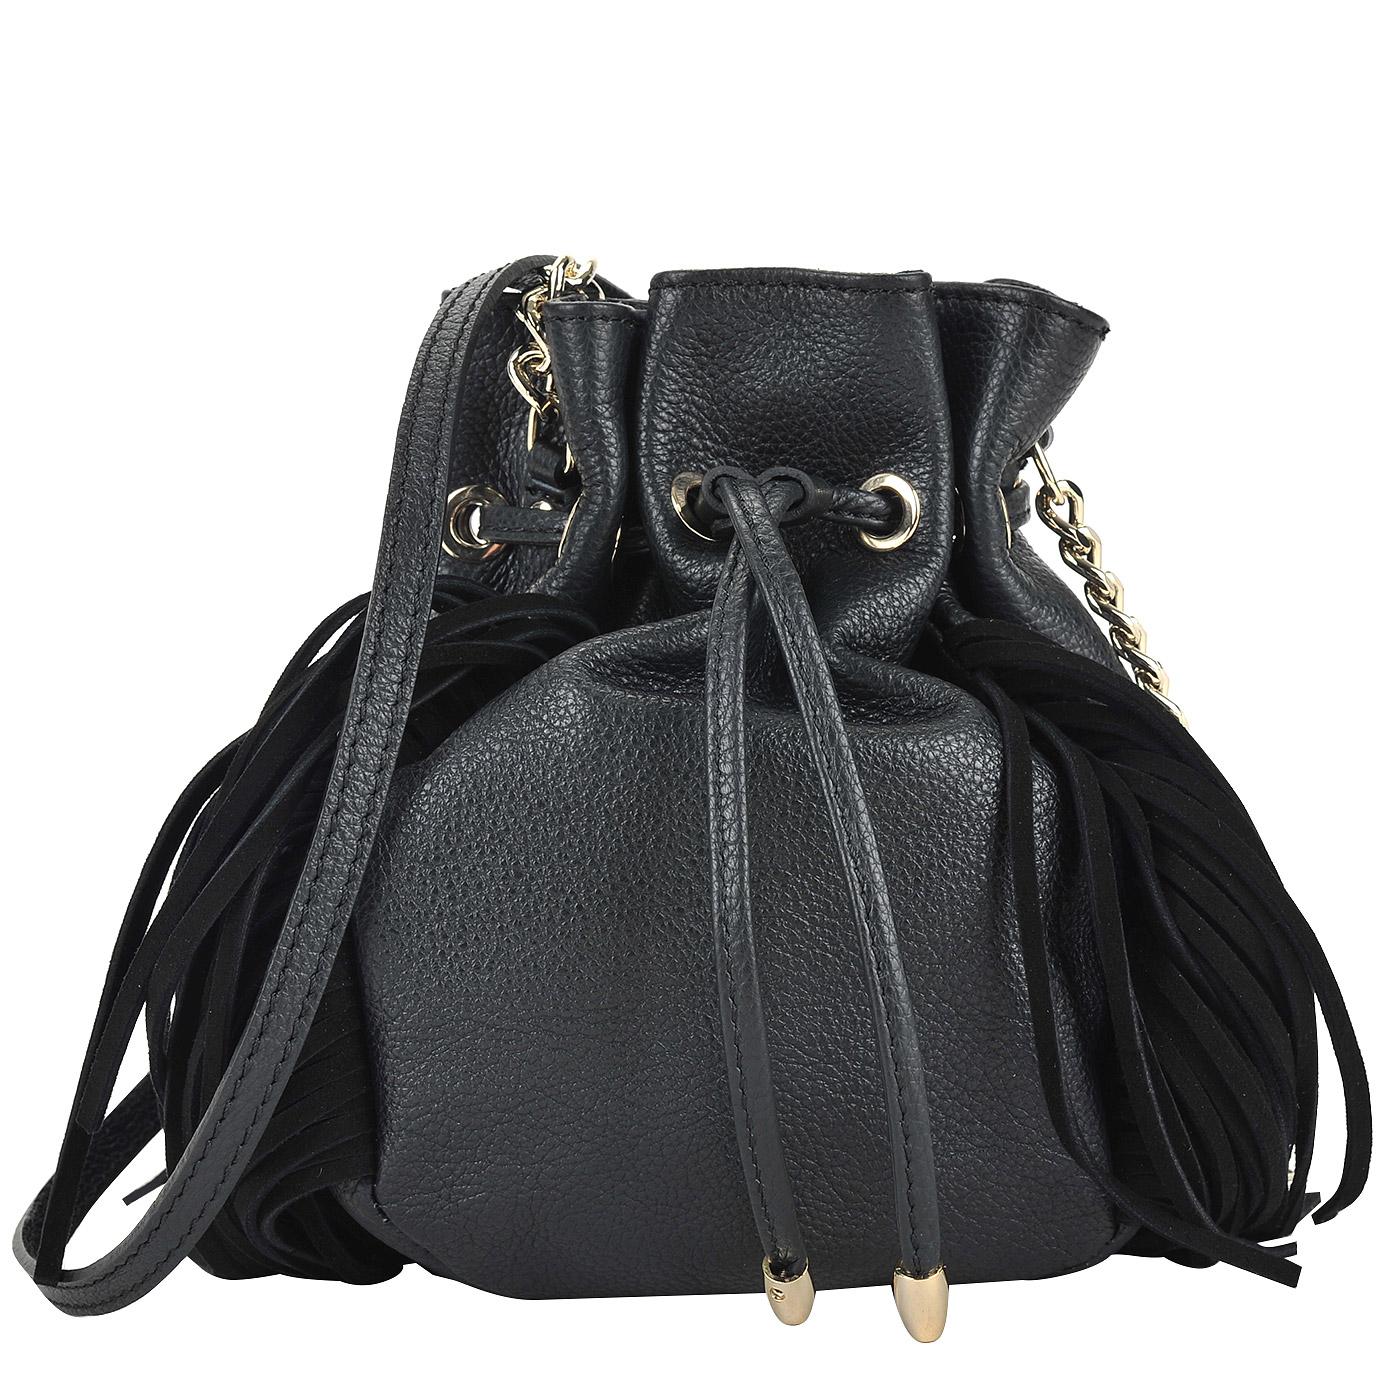 96193b720413 Женская сумка-торба из натуральной кожи Marina Creazioni 3670_nero ...